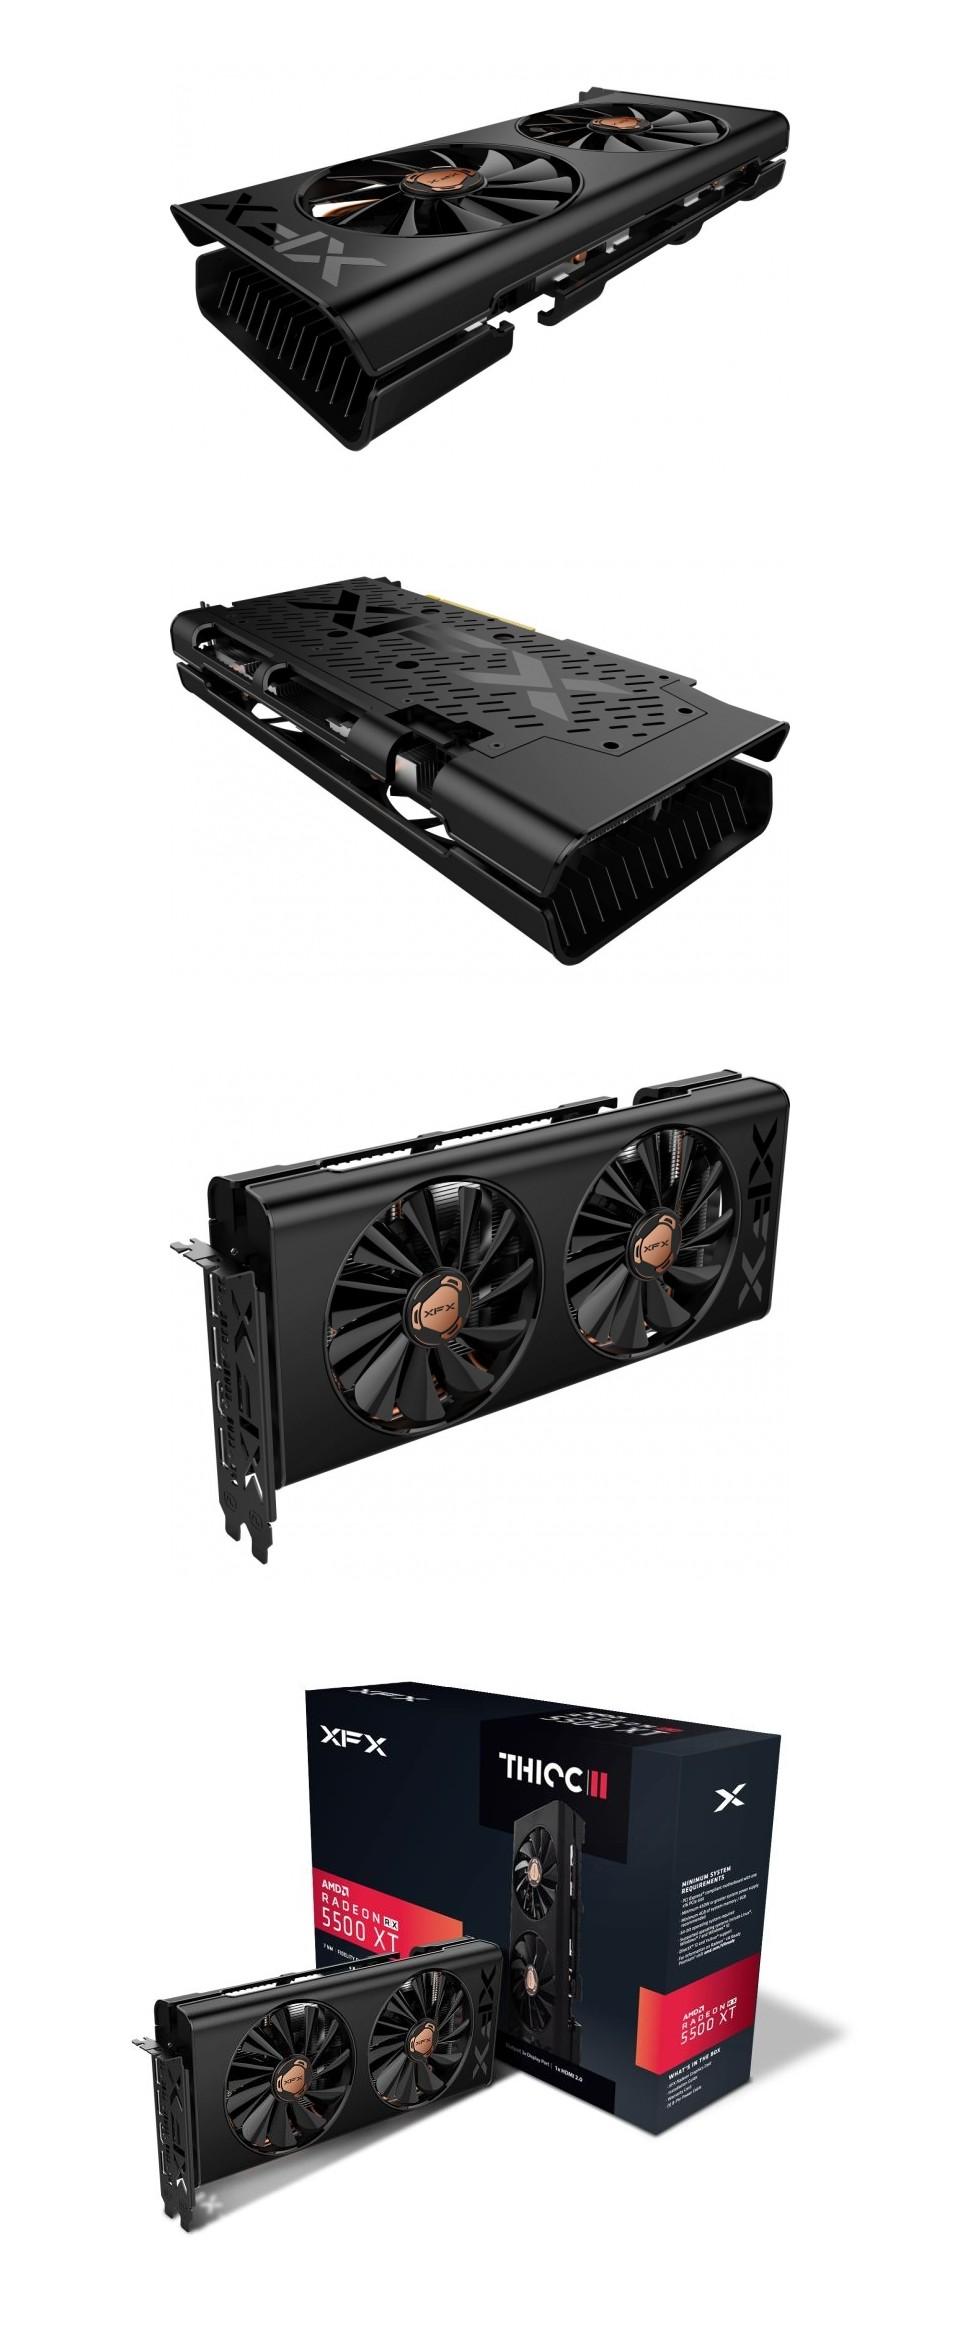 XFX Radeon RX 5500XT THICC II Pro 8GB product